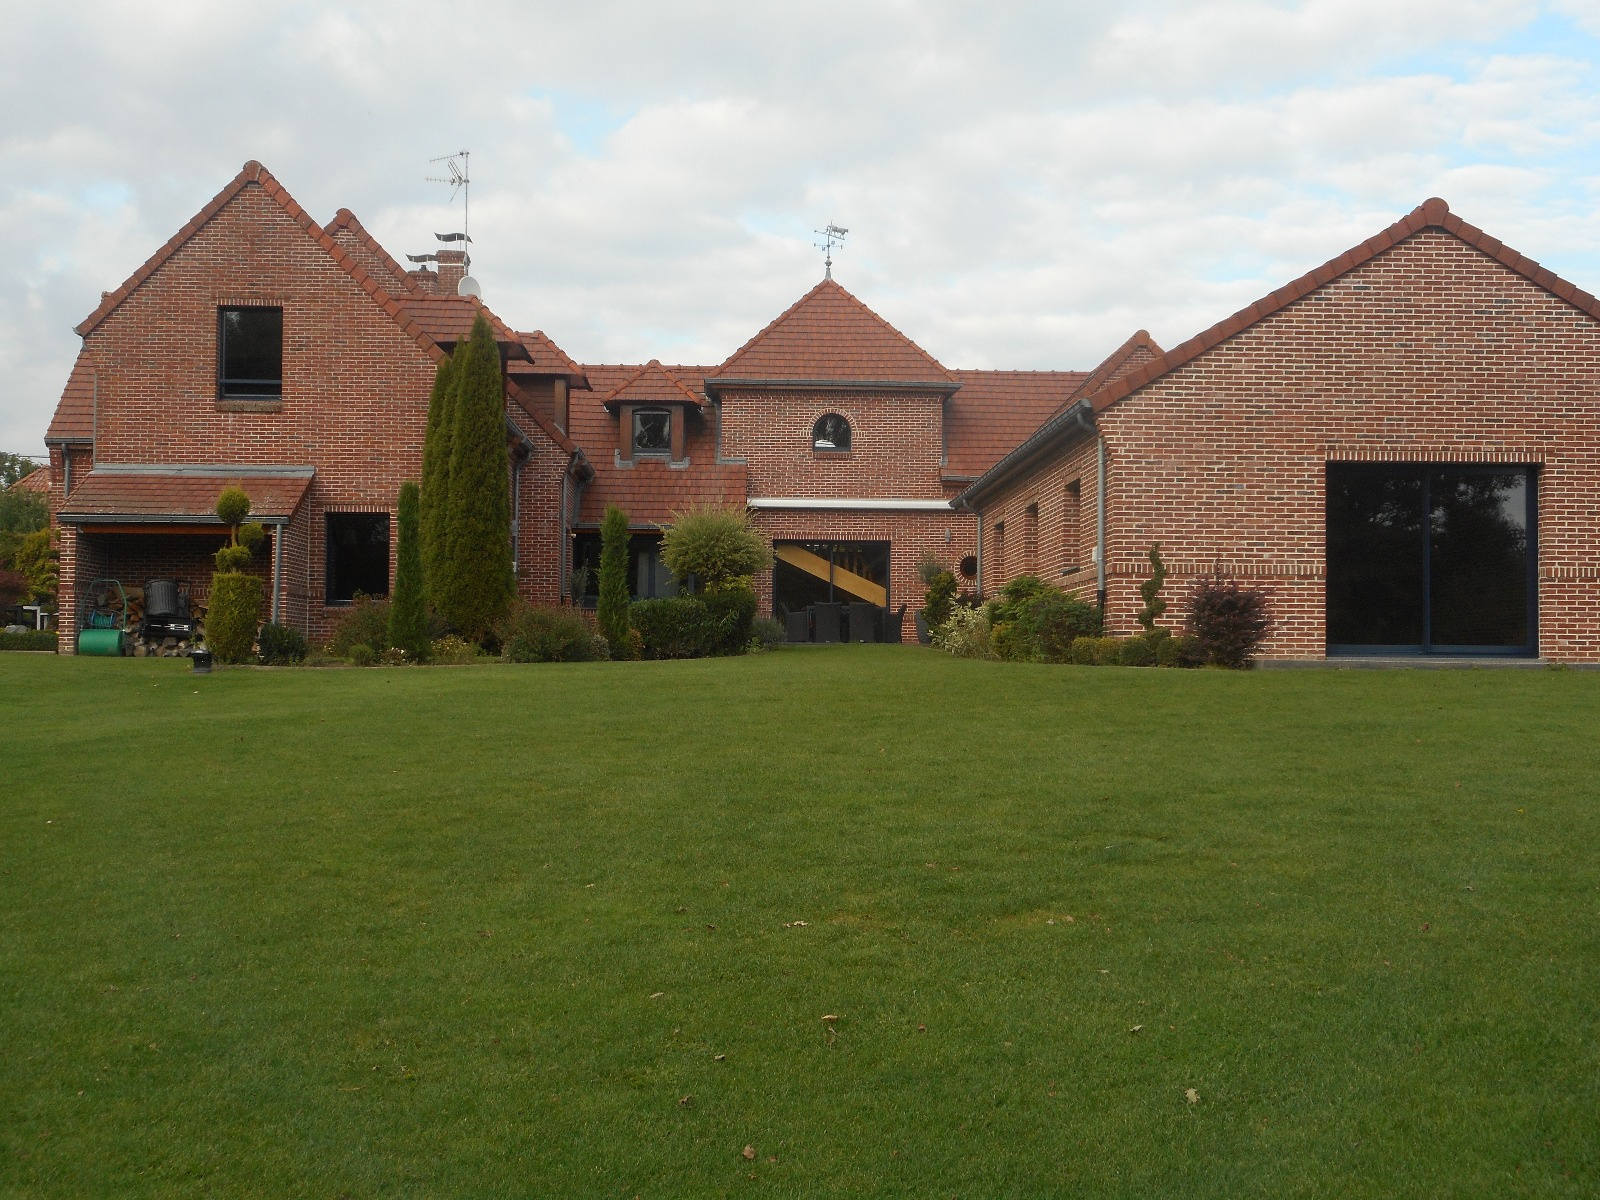 maison d architecte  Villereau avec piscine interieure  Parc arboré